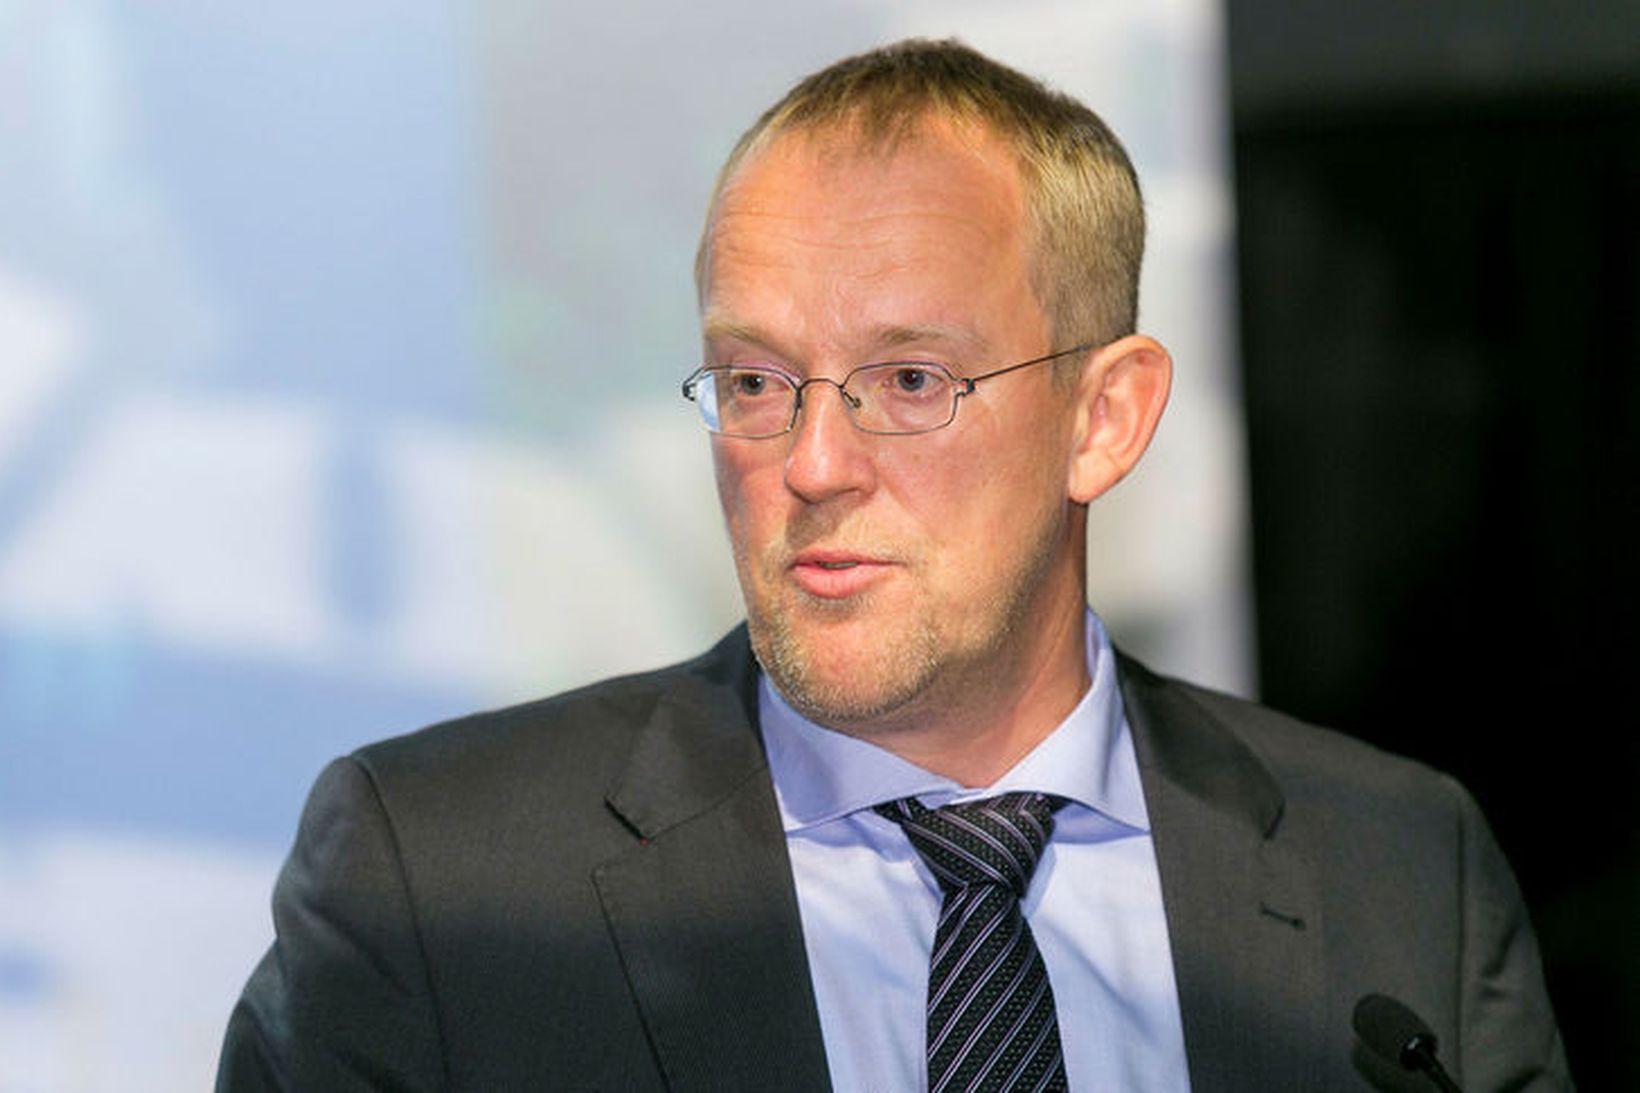 Páll Gunnar Pálsson forstjóri Samkeppniseftirlitsins.